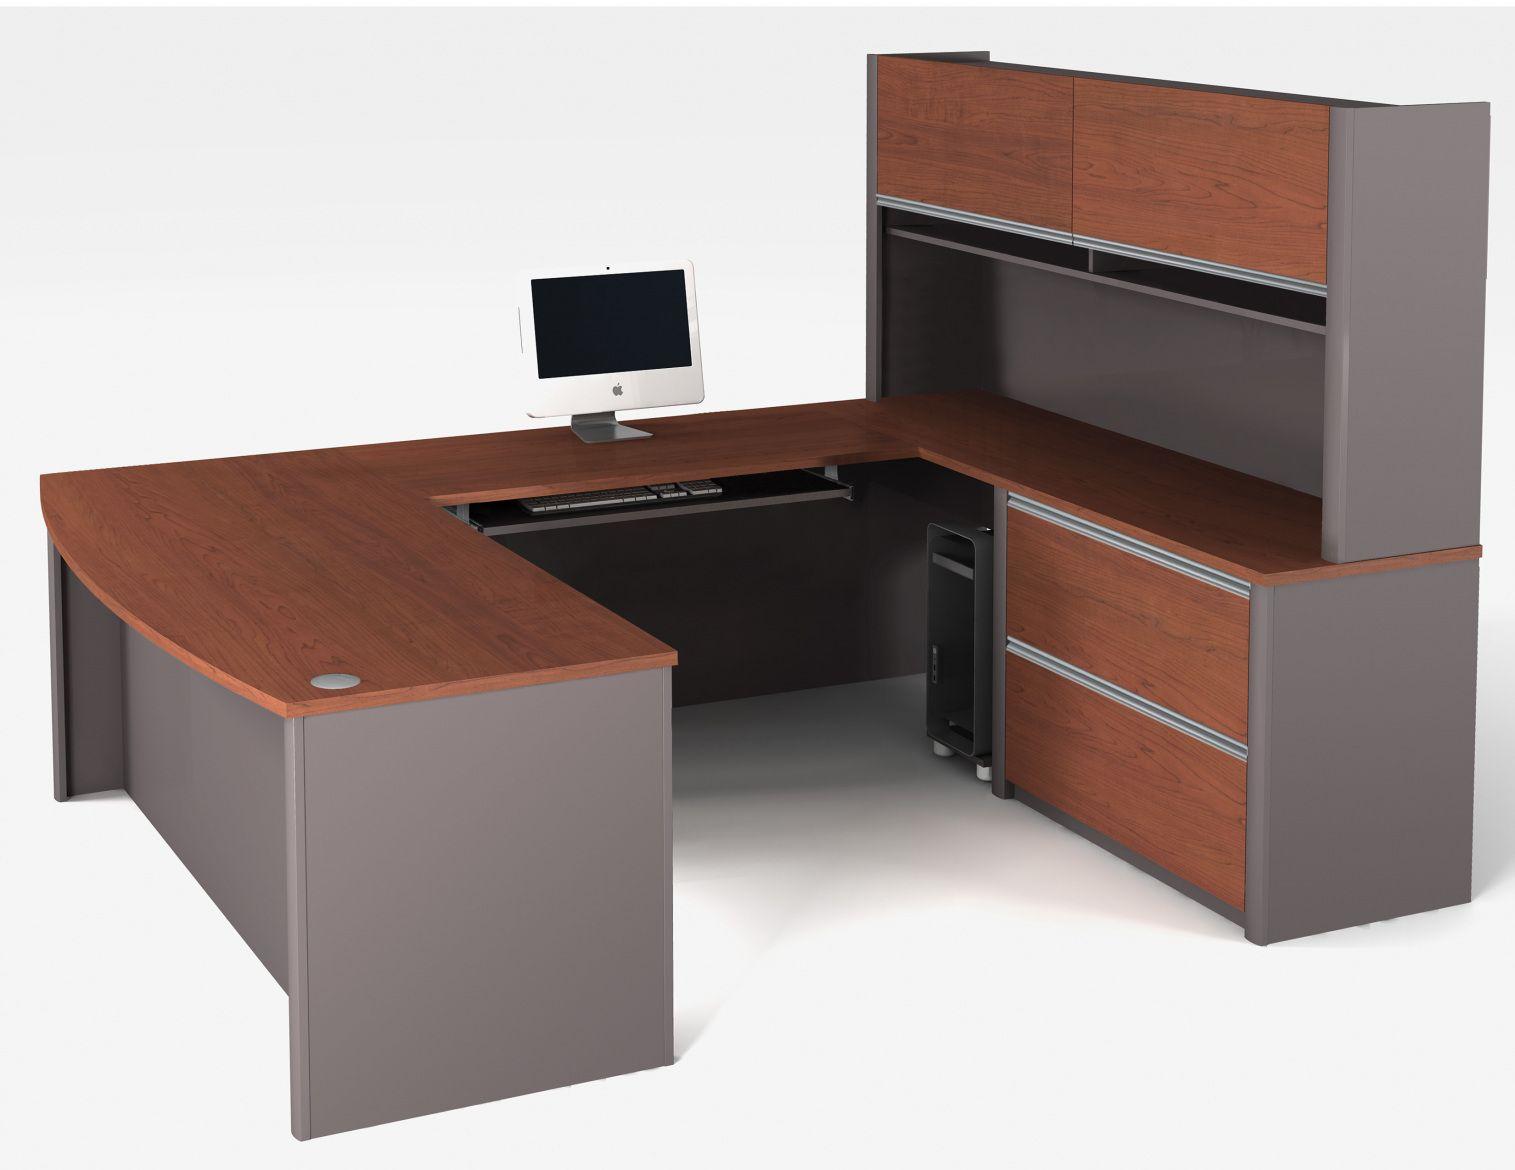 u shaped desk office depot. U Shaped Desk Office Depot - Furniture For Home Check More At Http:/ G